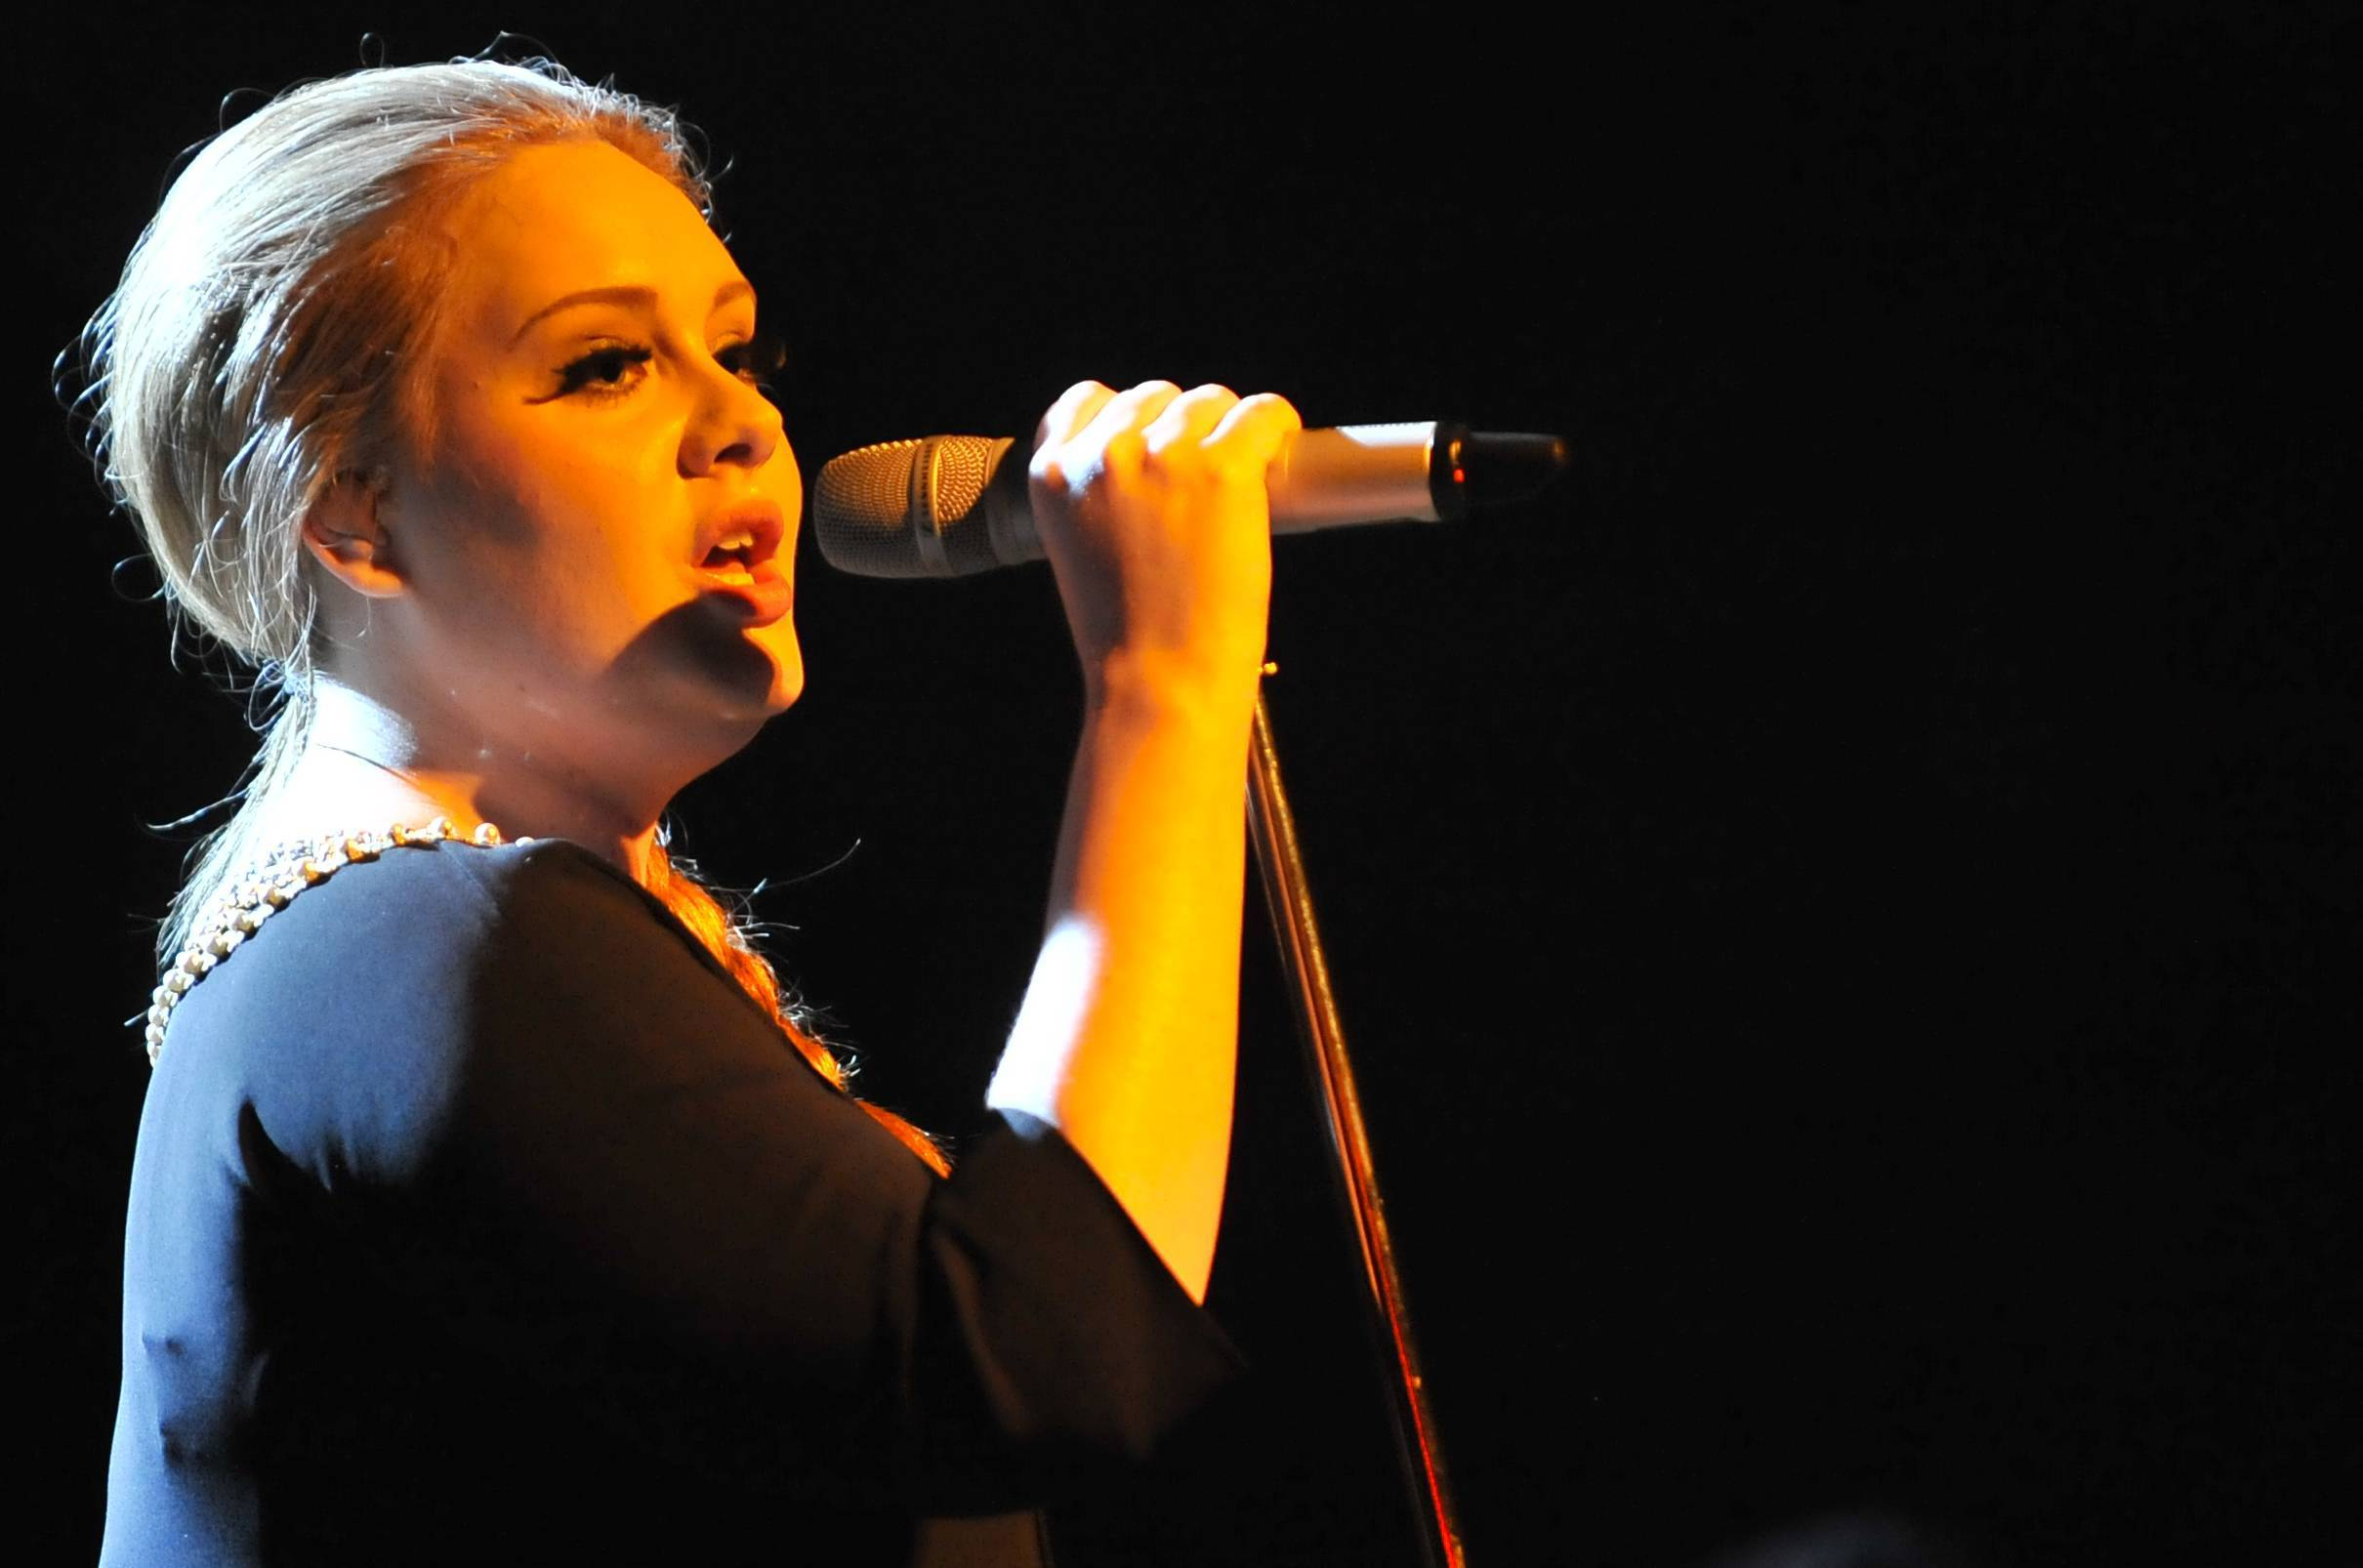 Milan 30/03/2011 Adele in concert at Alcatraz of Milan.  FOTO:PRANDONI FRANCESCO/INFOPHOTO